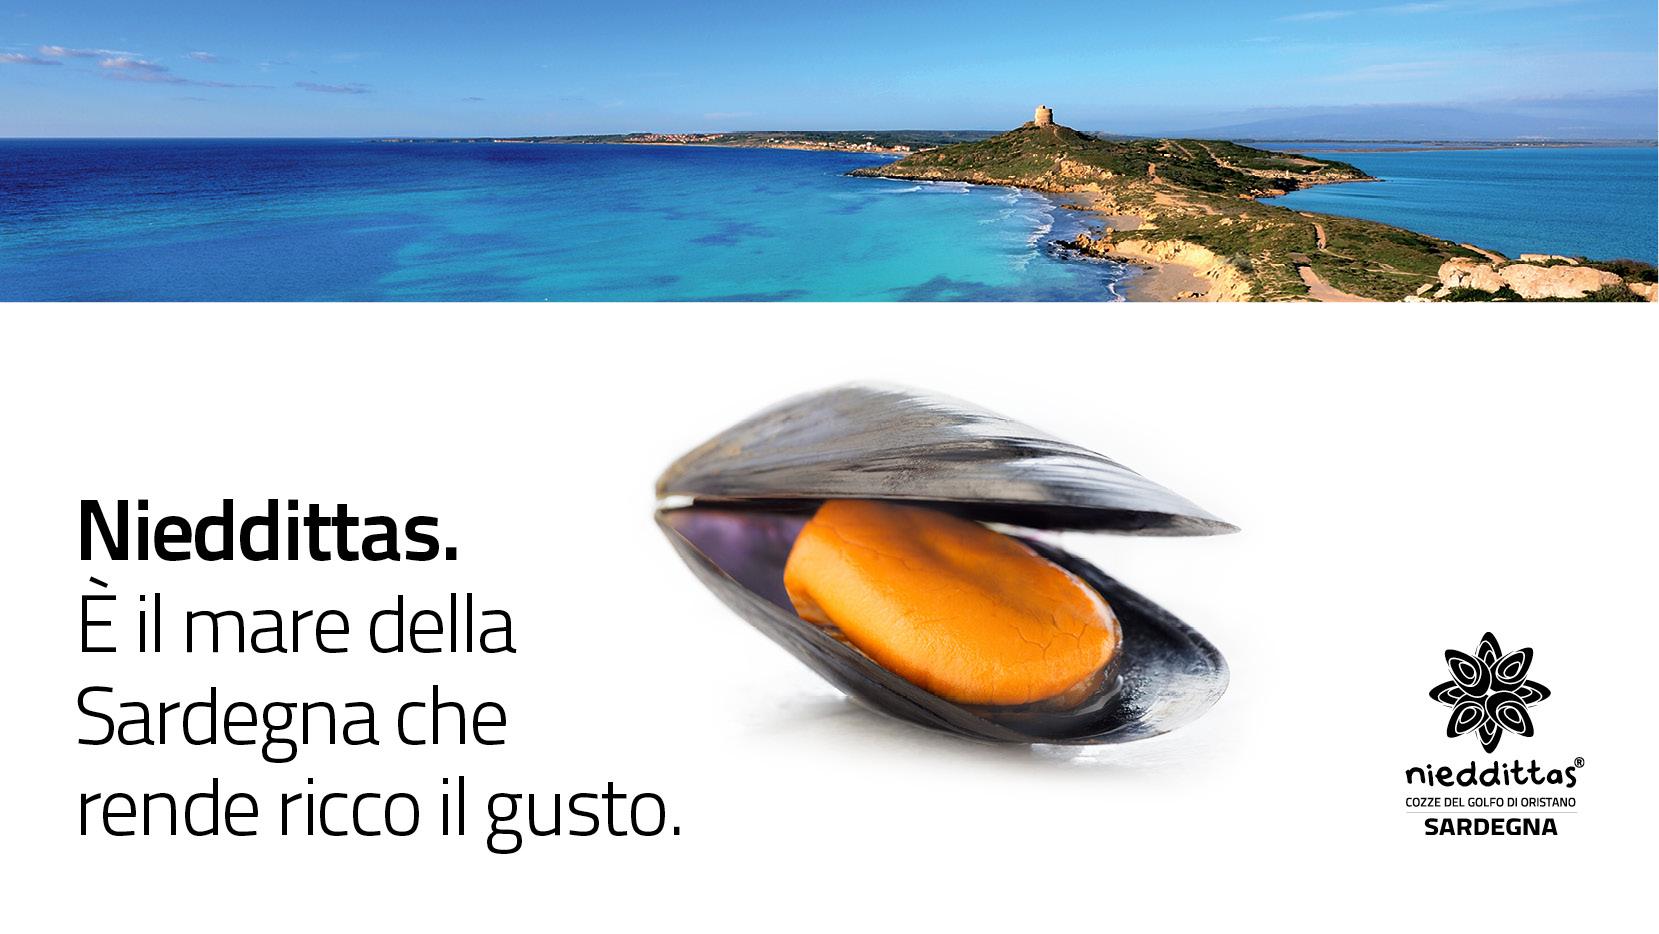 La pubblicità Nieddittas arriva in tutta Italia.